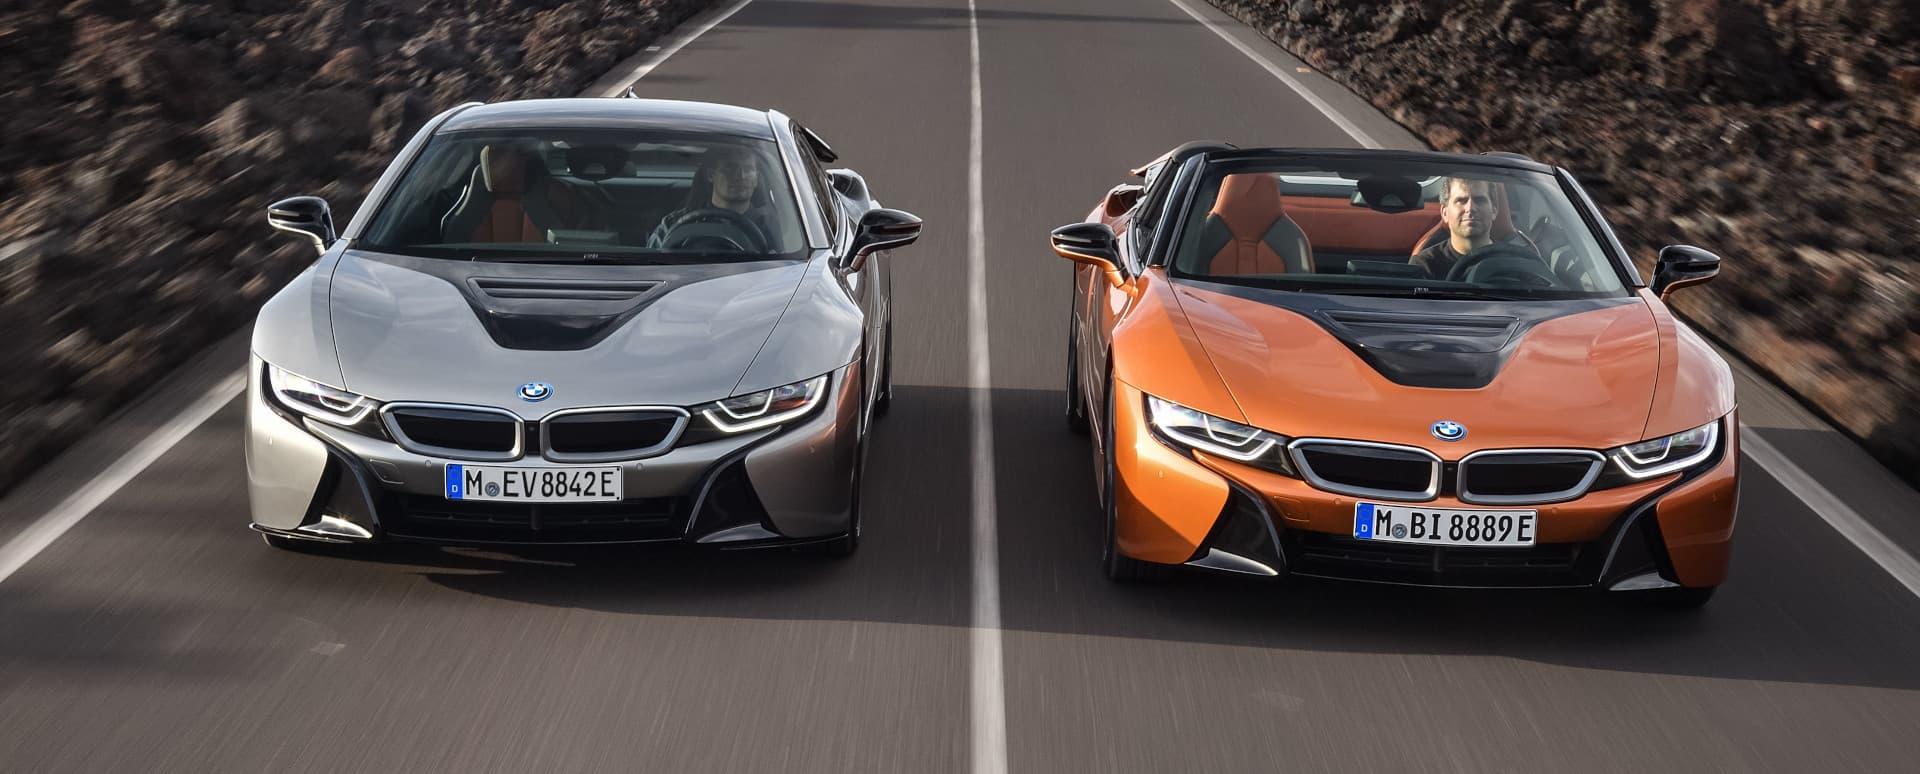 BMW i8 Large